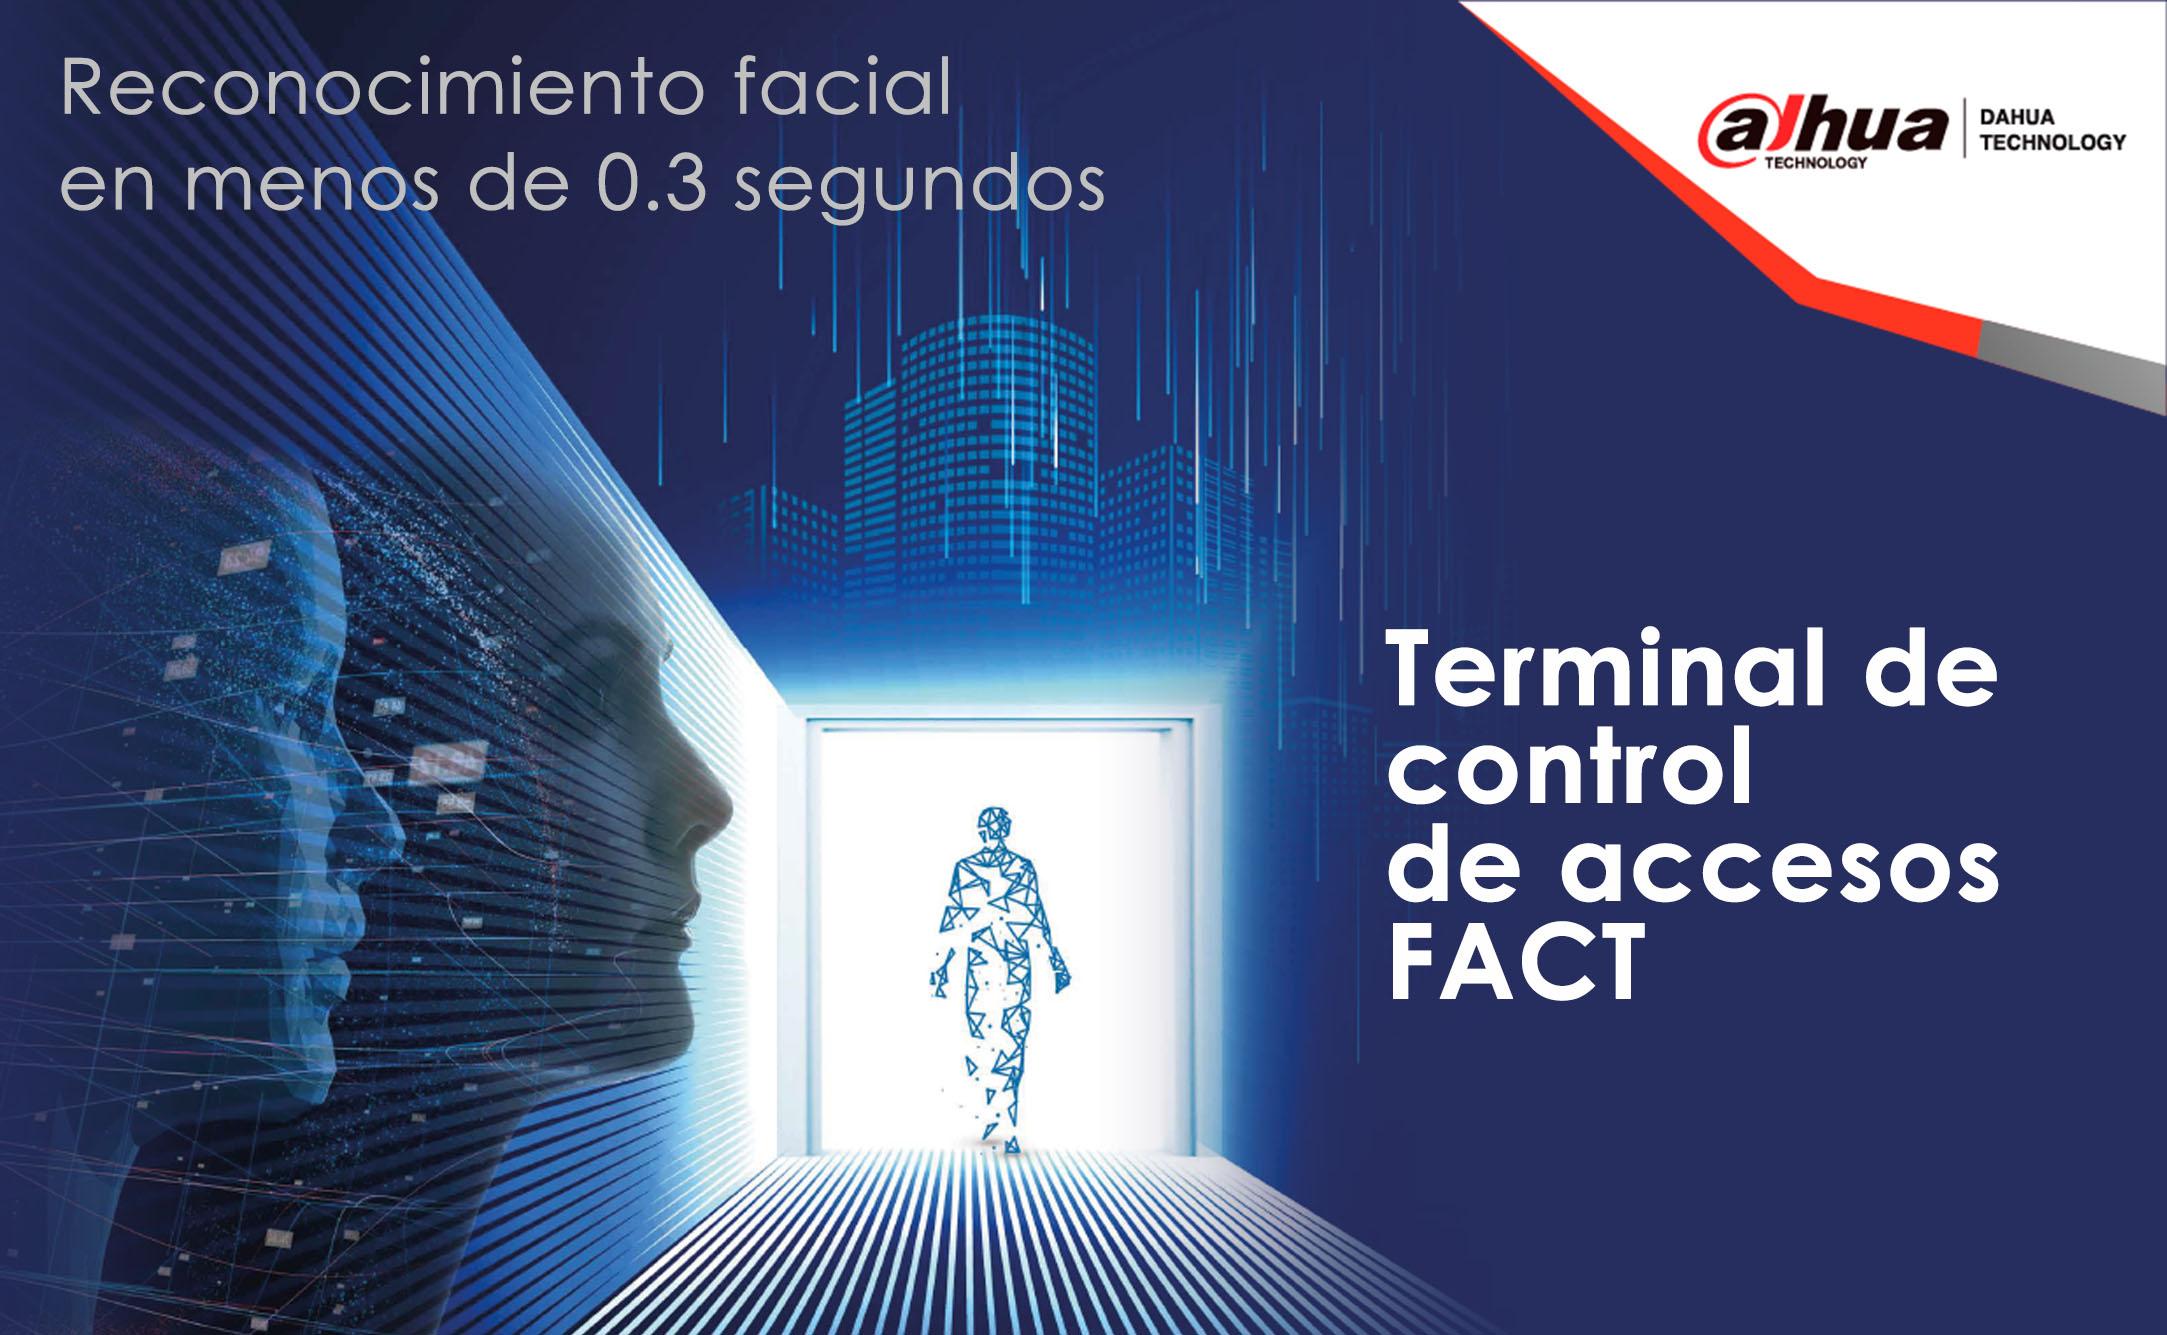 FACT: Control de accesos de cara a un futuro conveniente